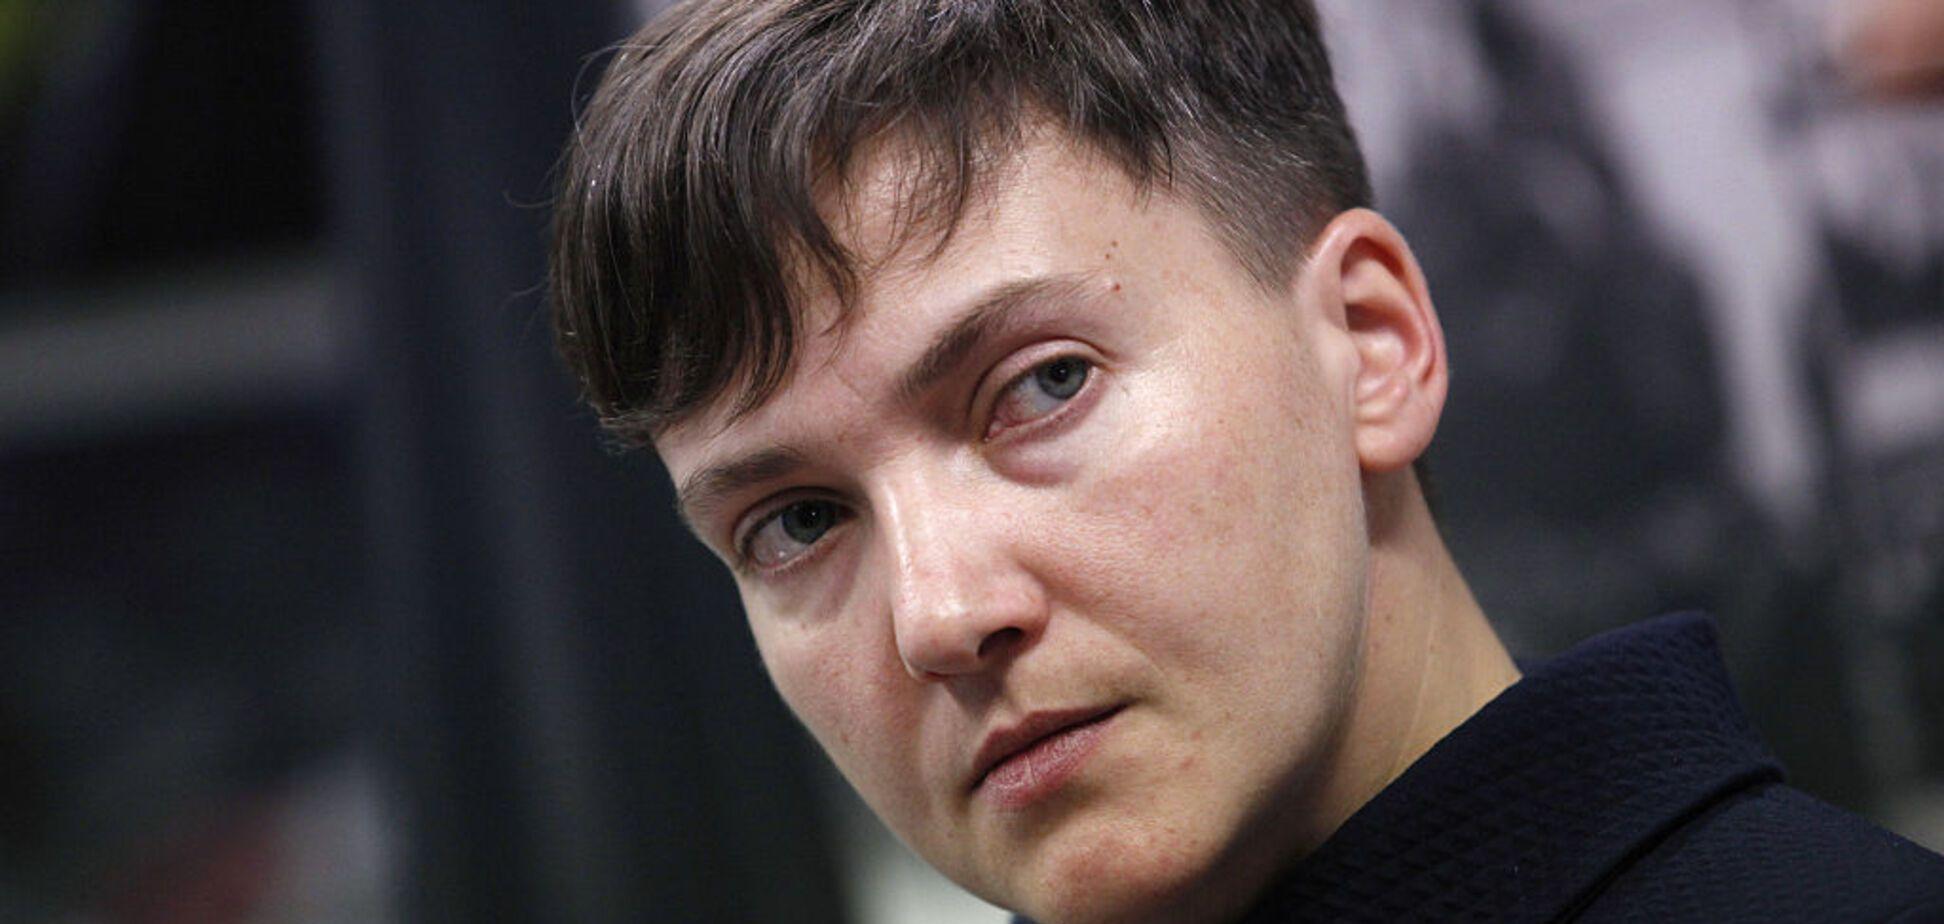 Стало известно о мощных покровителях Савченко в верхушке власти